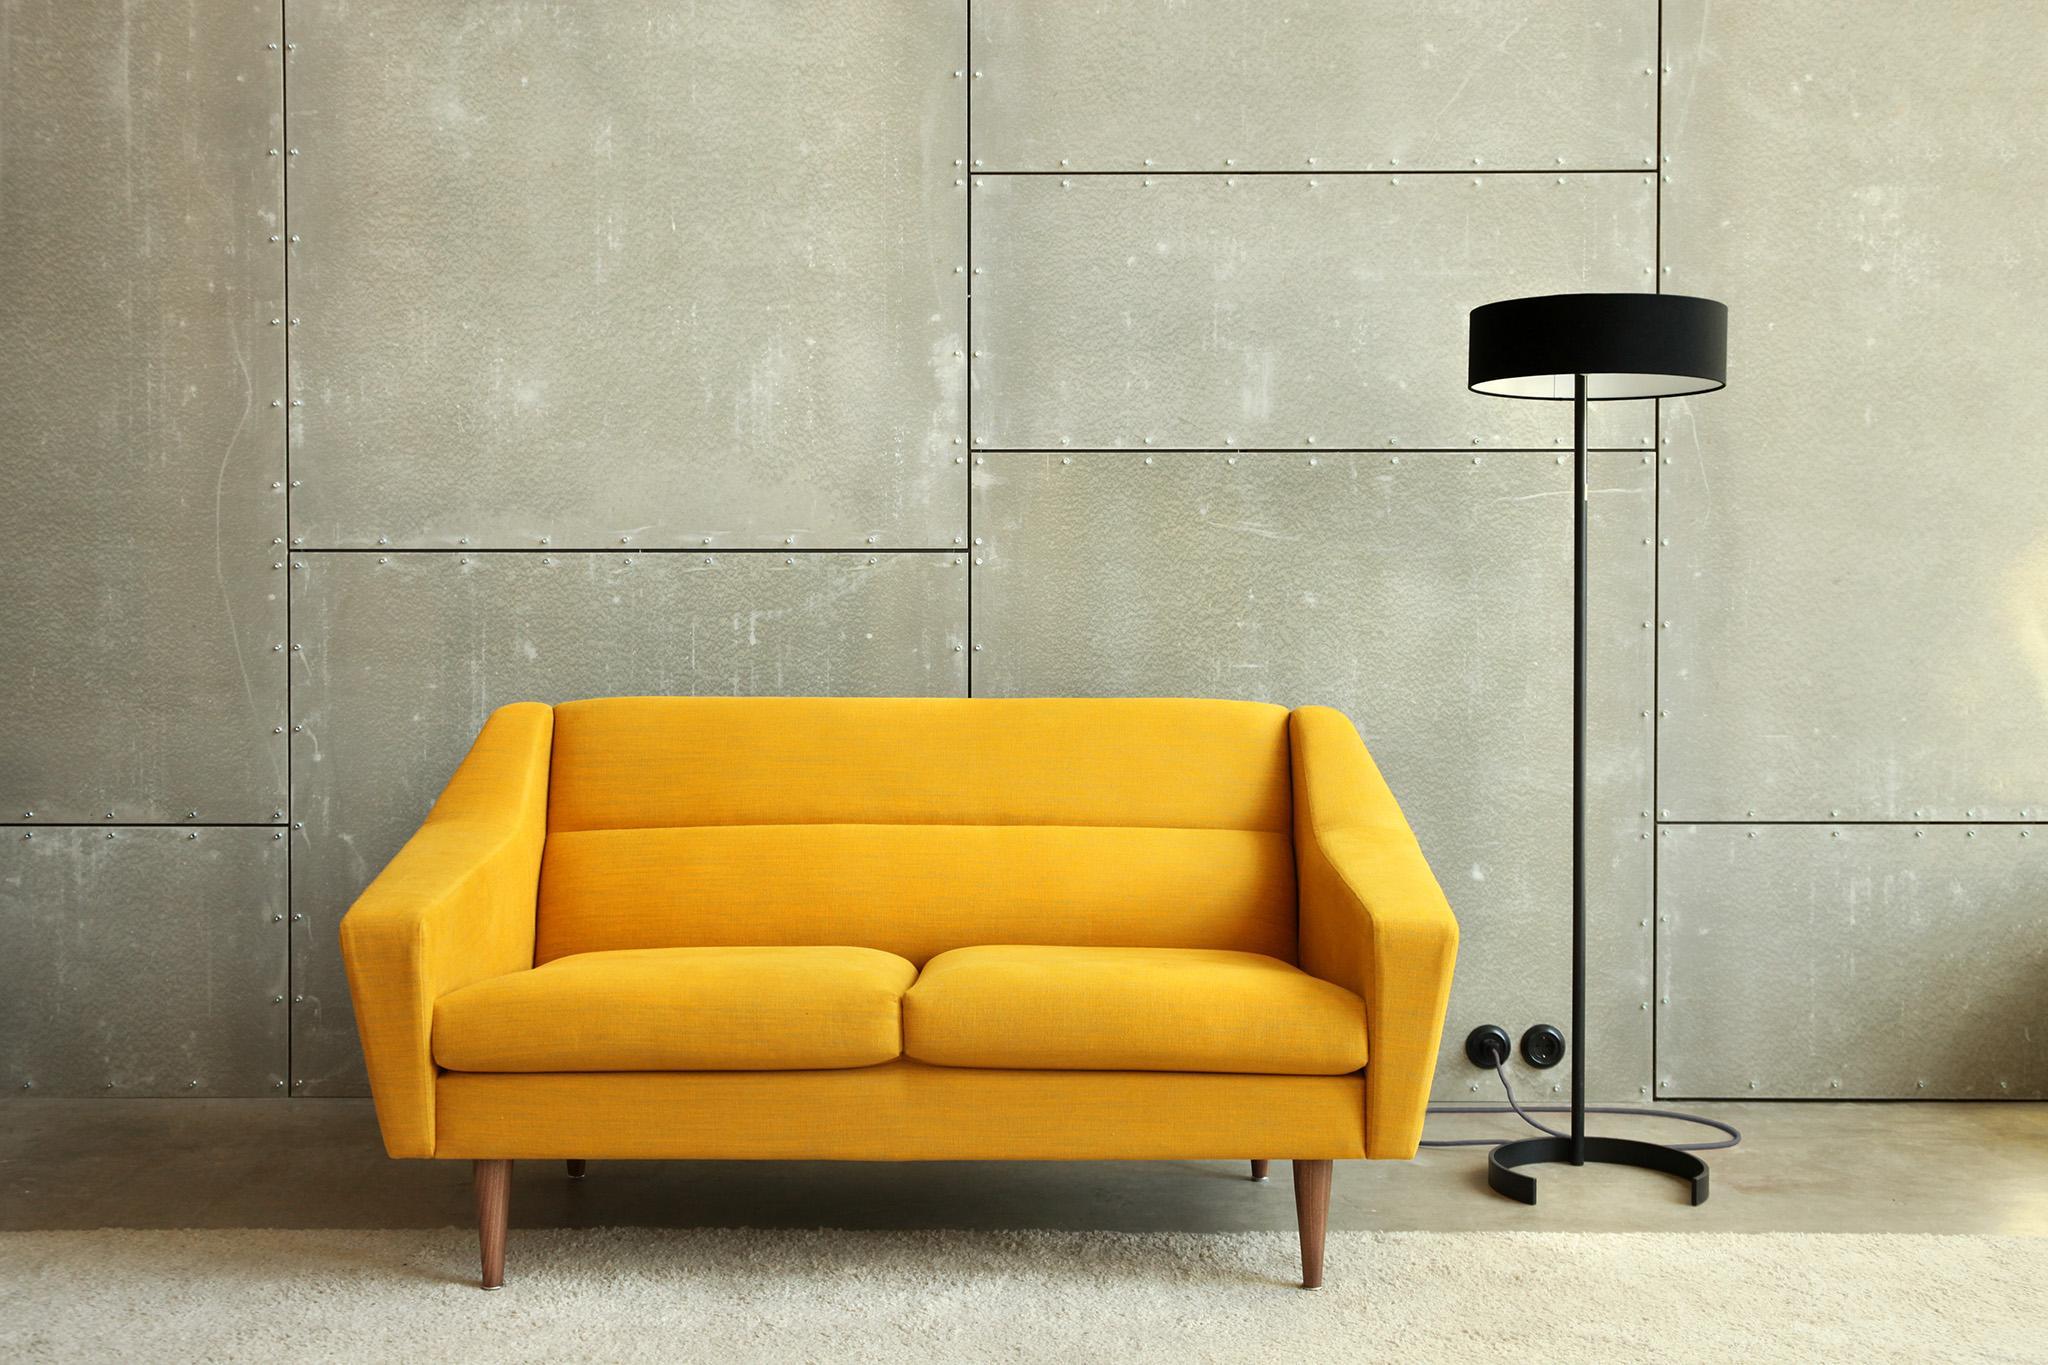 sohva sofa diivan põrandalamp floor lamp